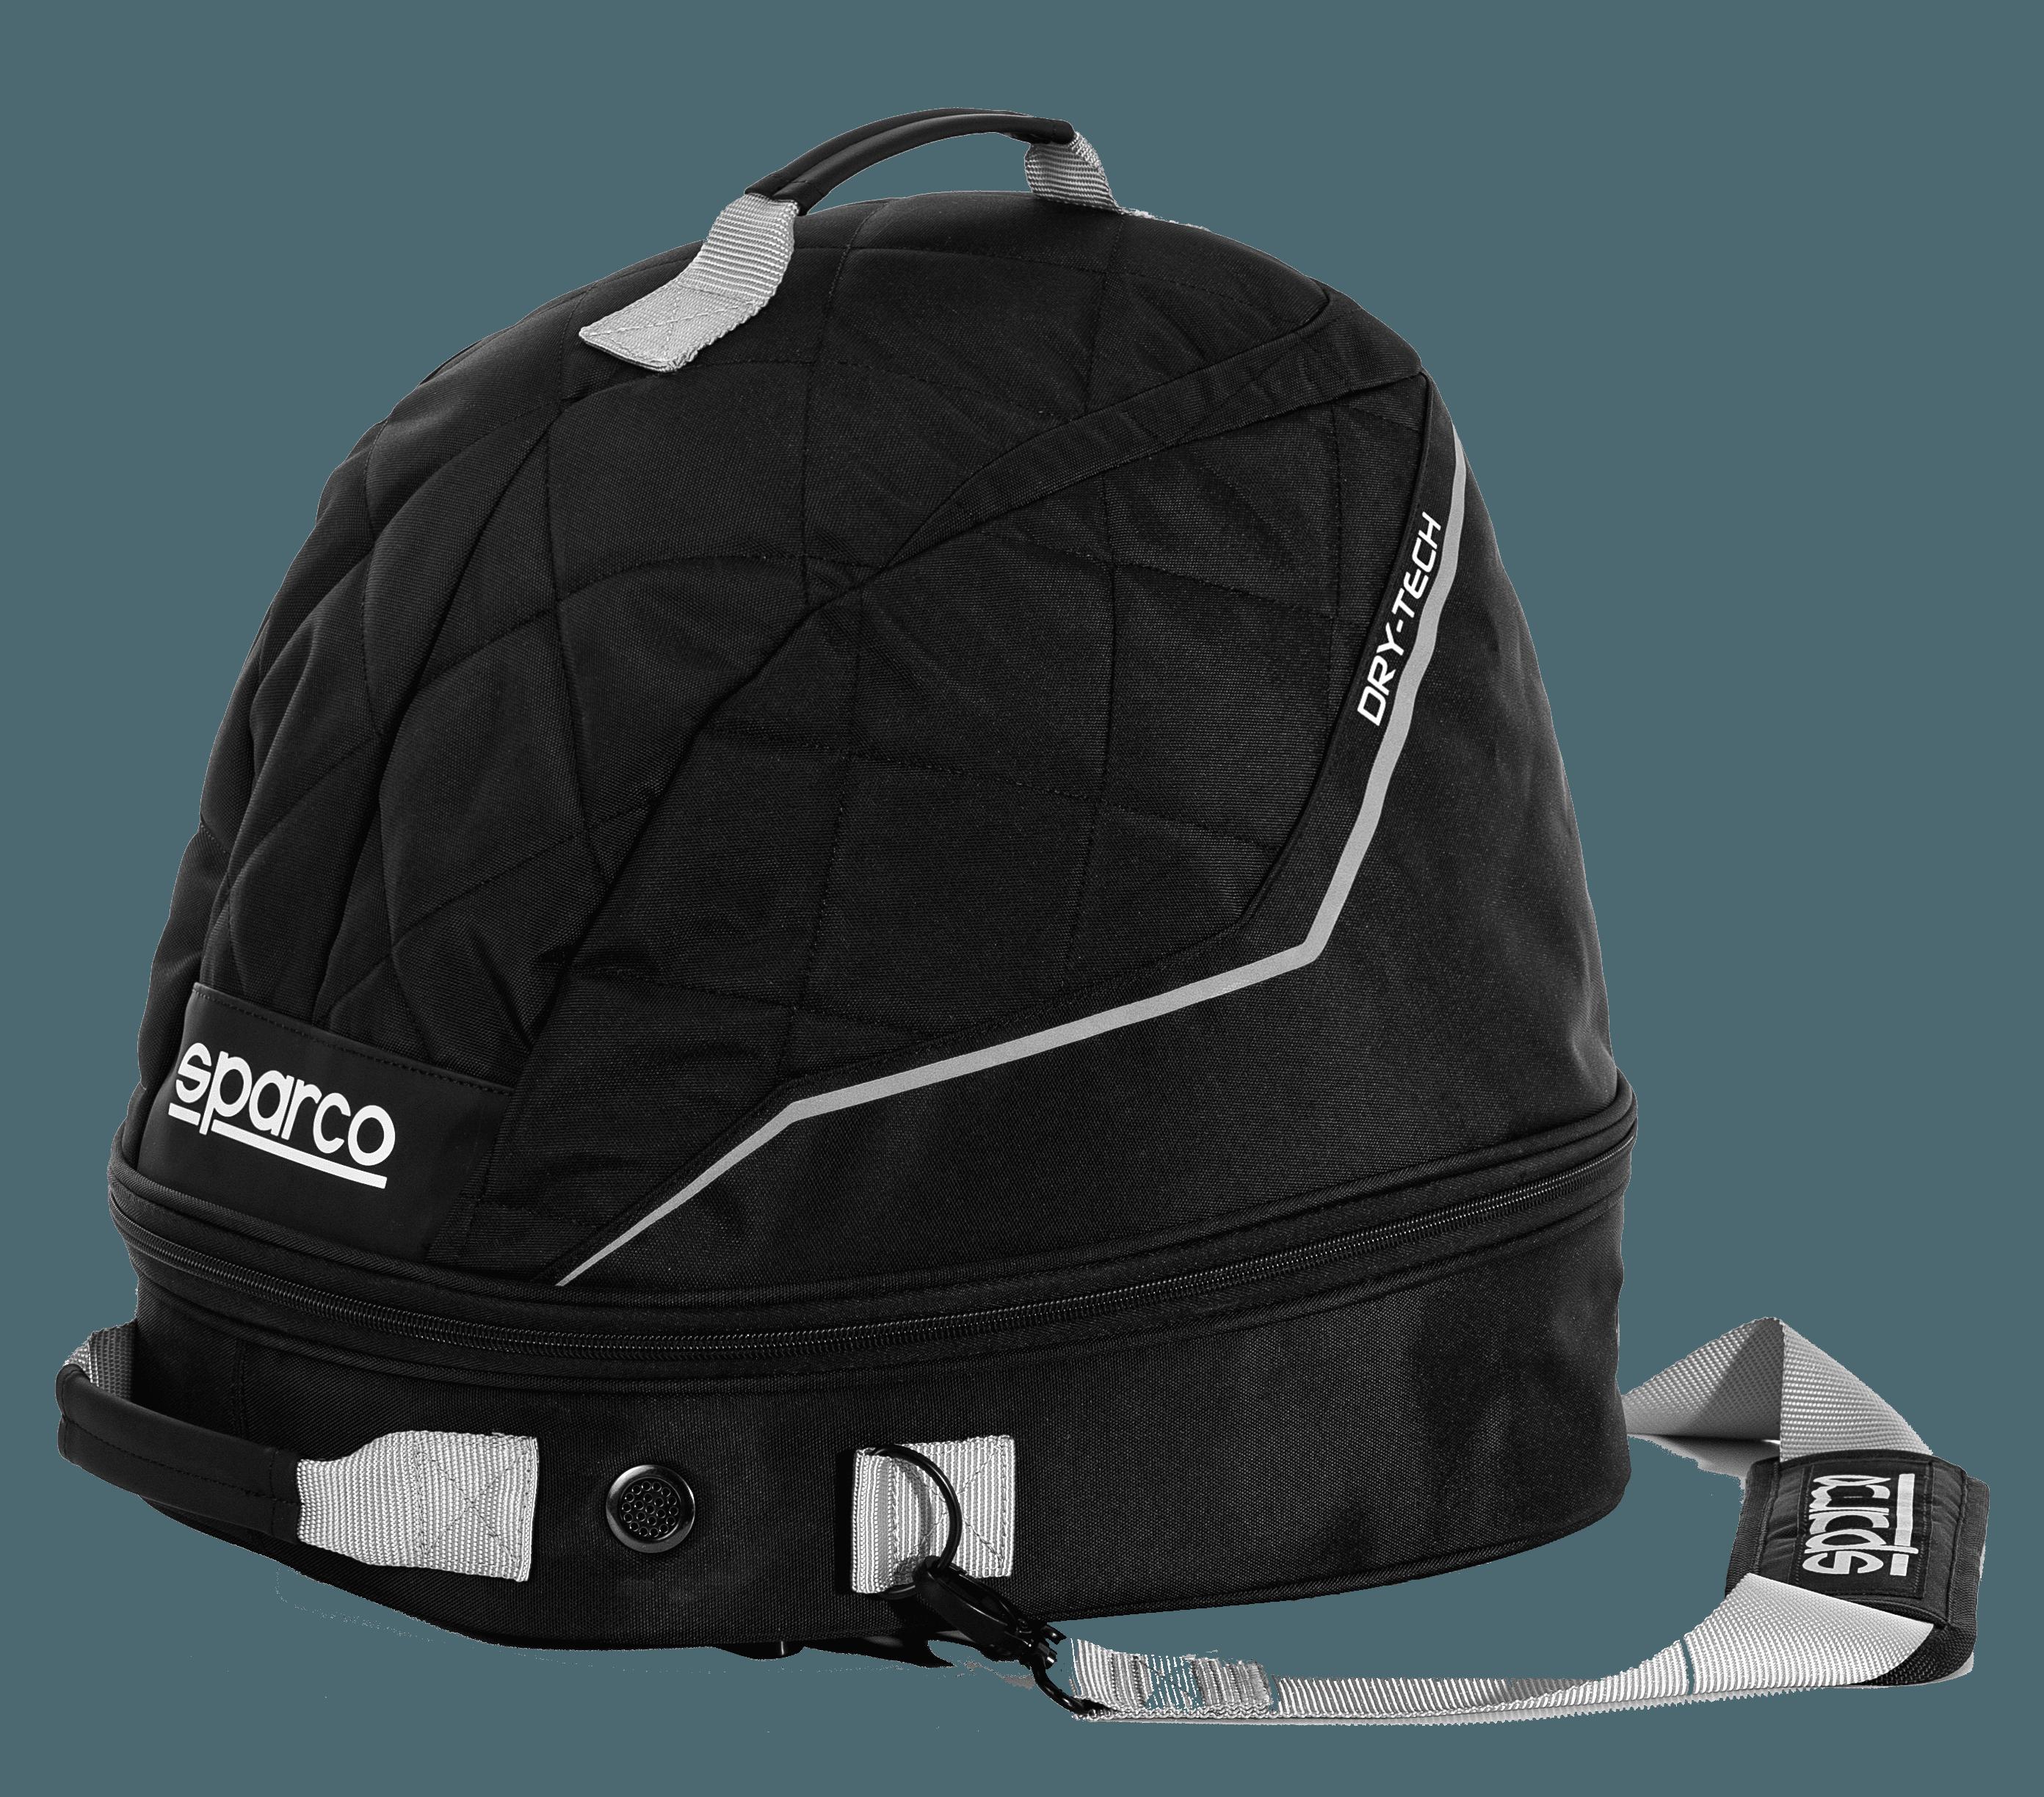 porta-casco-sparco